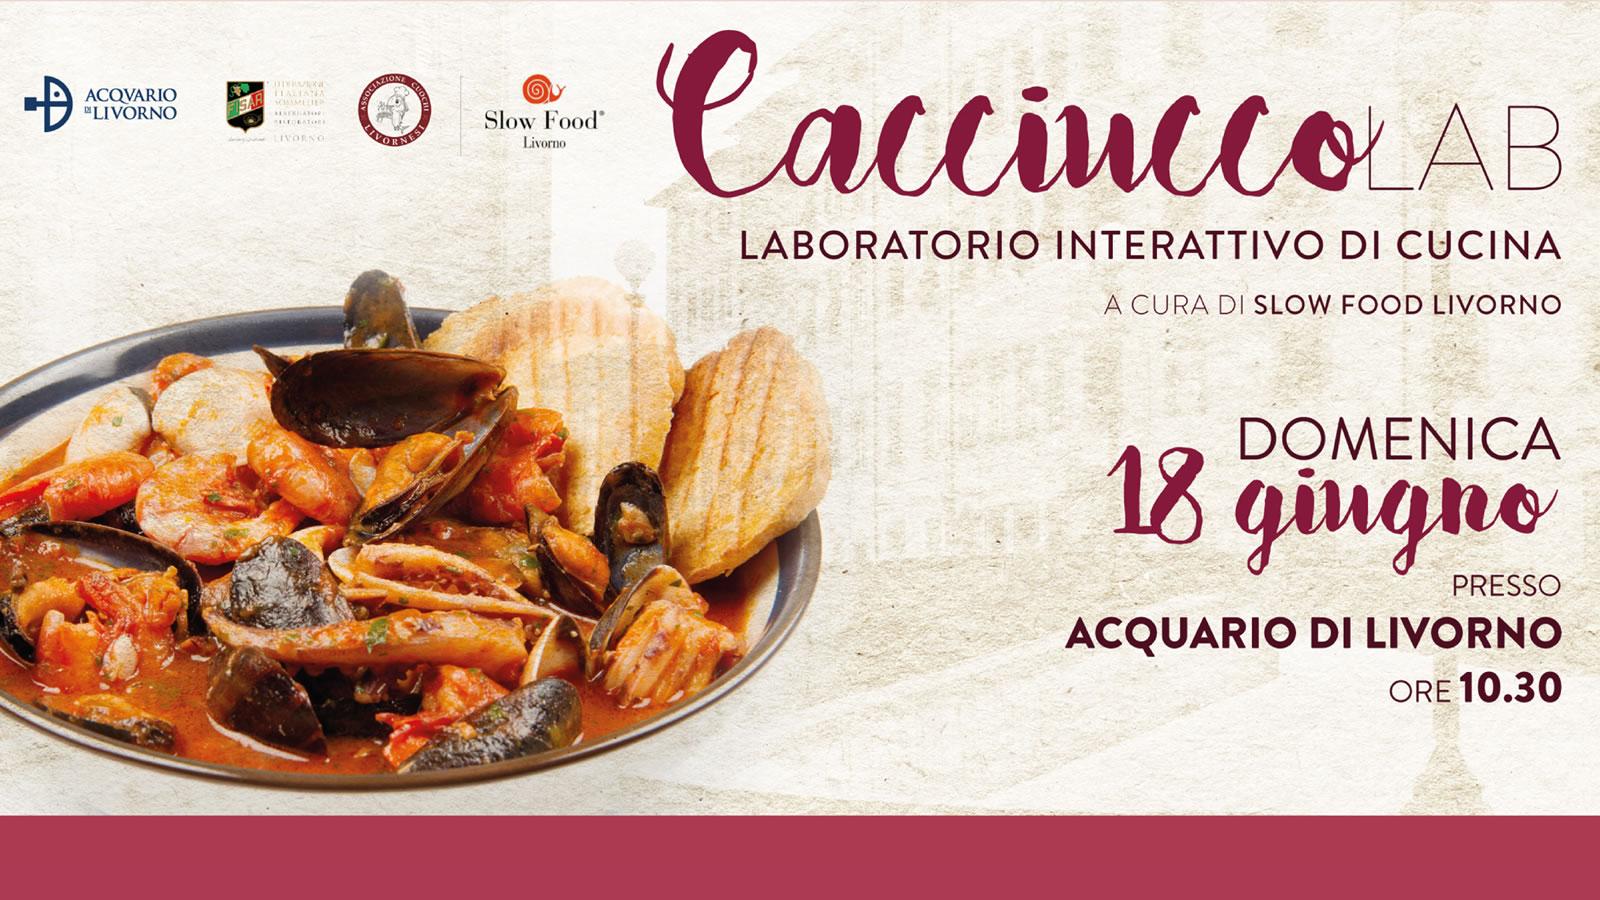 Dal 16 al 18 giugno prossimi Livorno festeggerà il suo celebre piatto con il 2° CACCIUCCO PRIDE